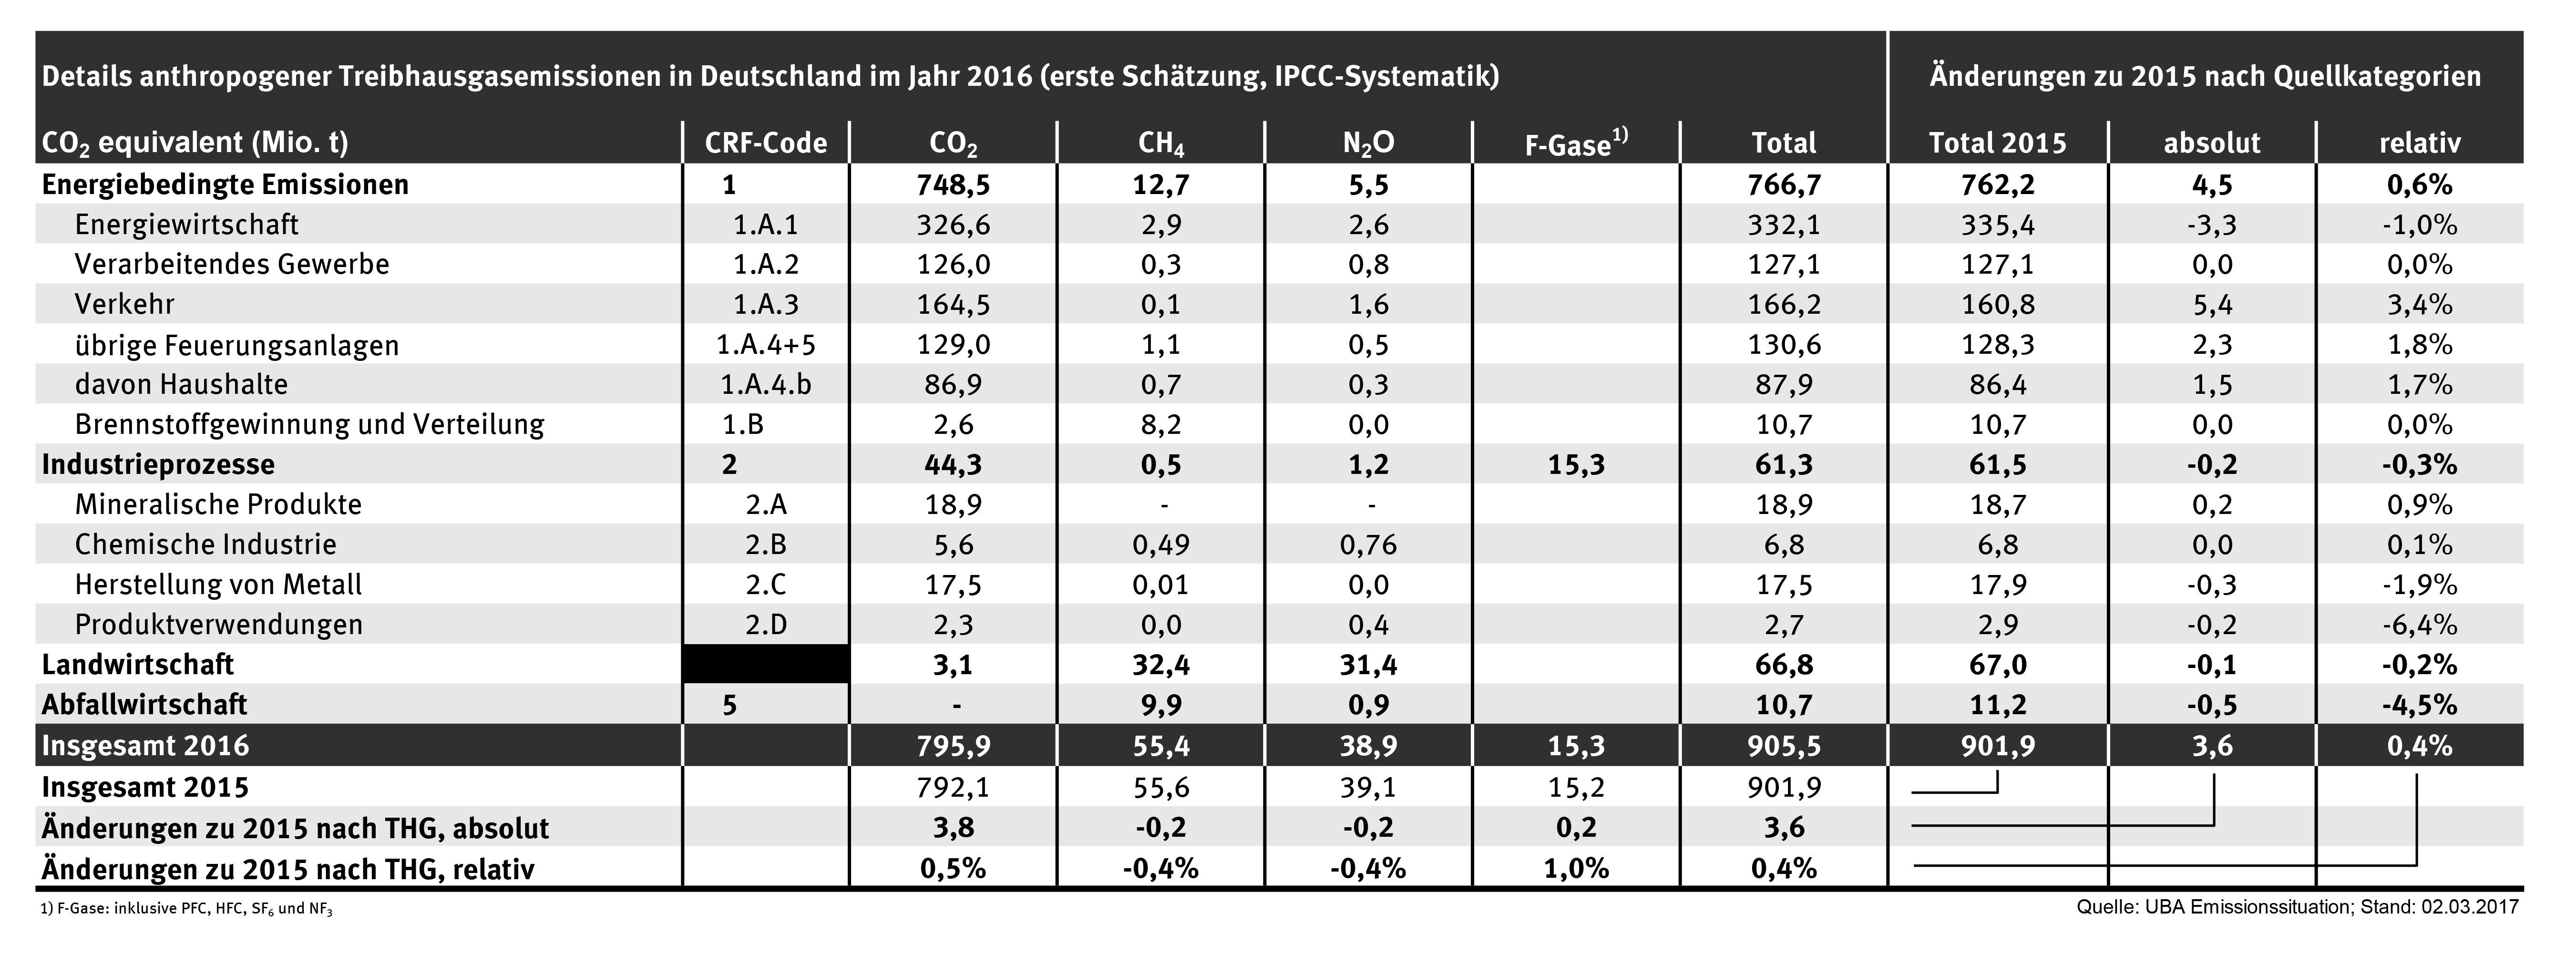 Eine Tabelle mit Zahlen, die Details zu anthropogenen Treibhausgasemissionen in Deutschland im Jahr 2016 zeigt.